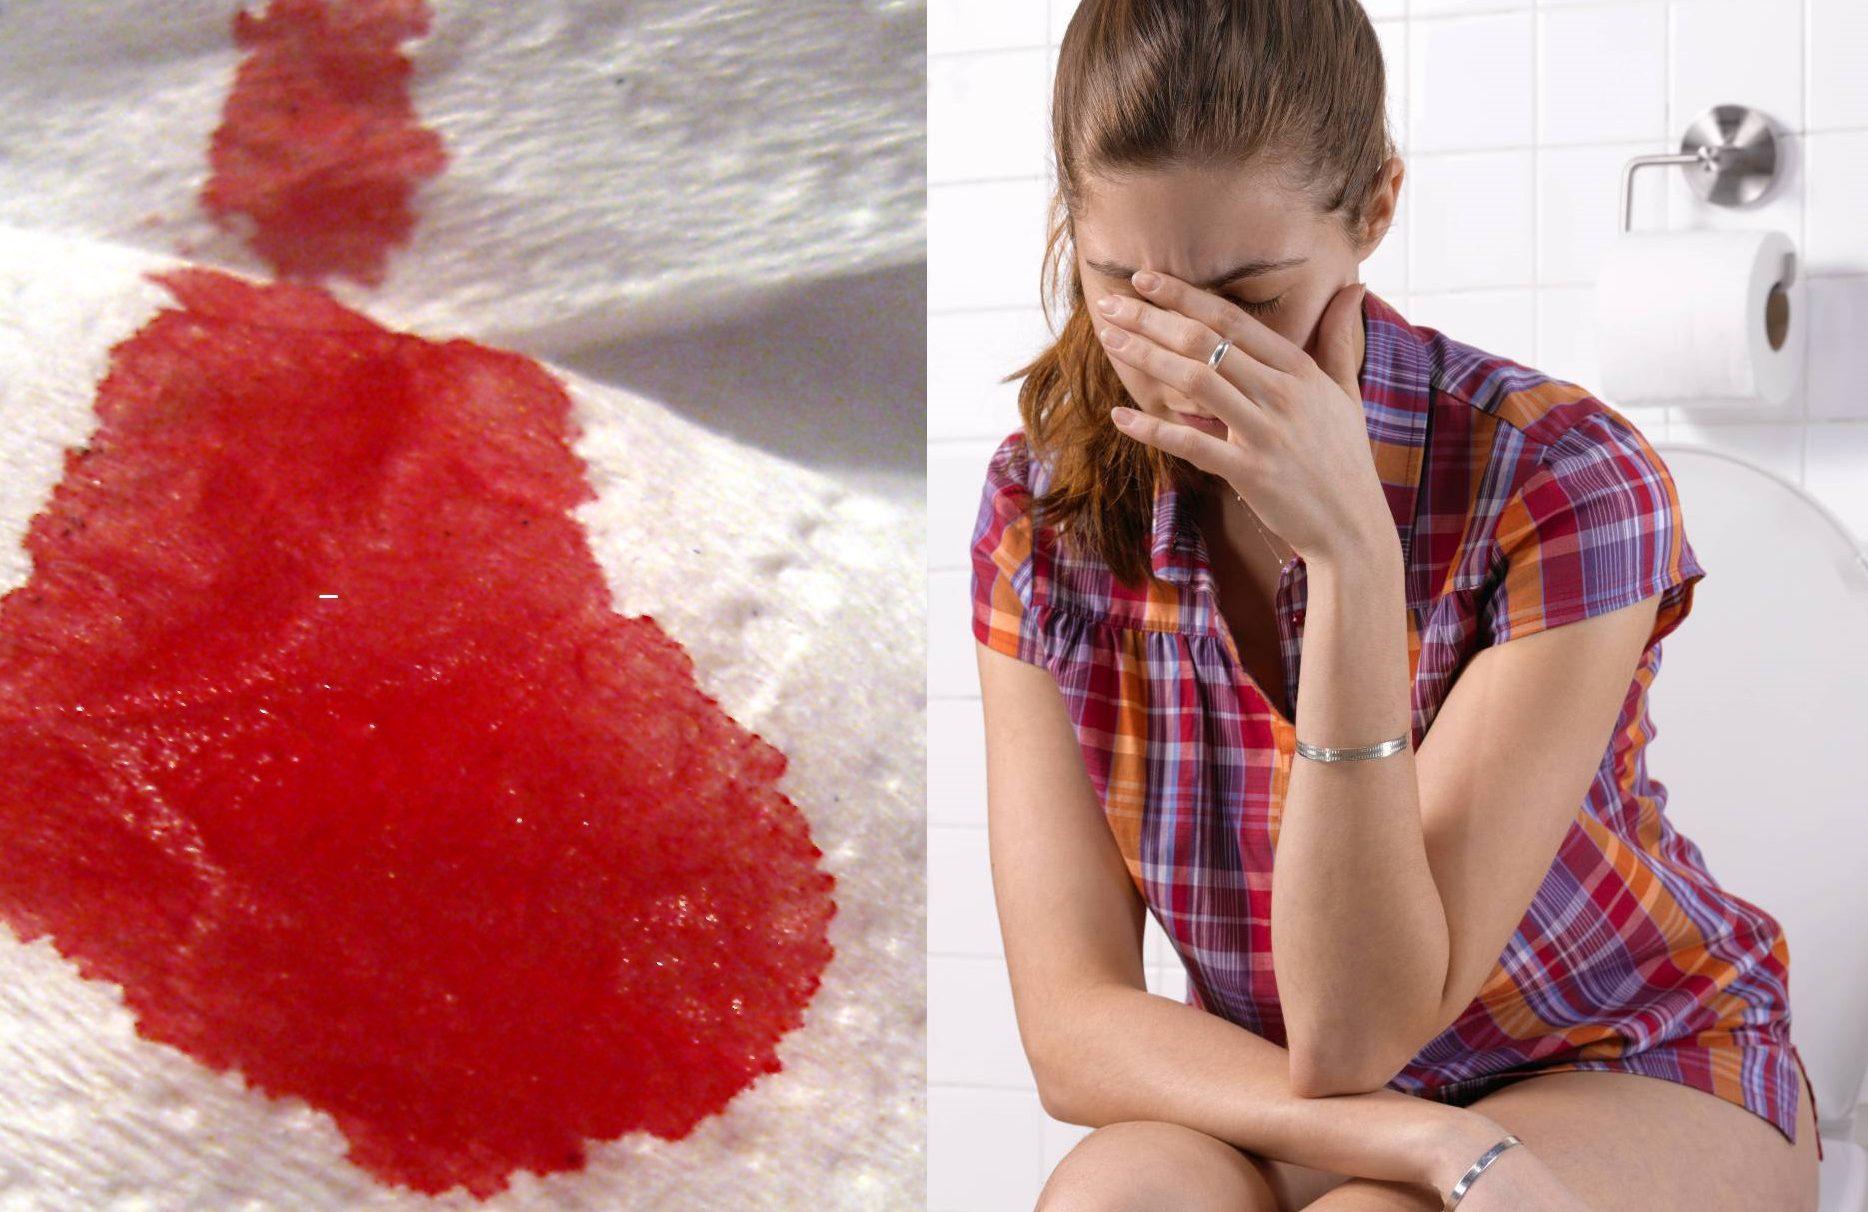 Кровь из анального как лечить